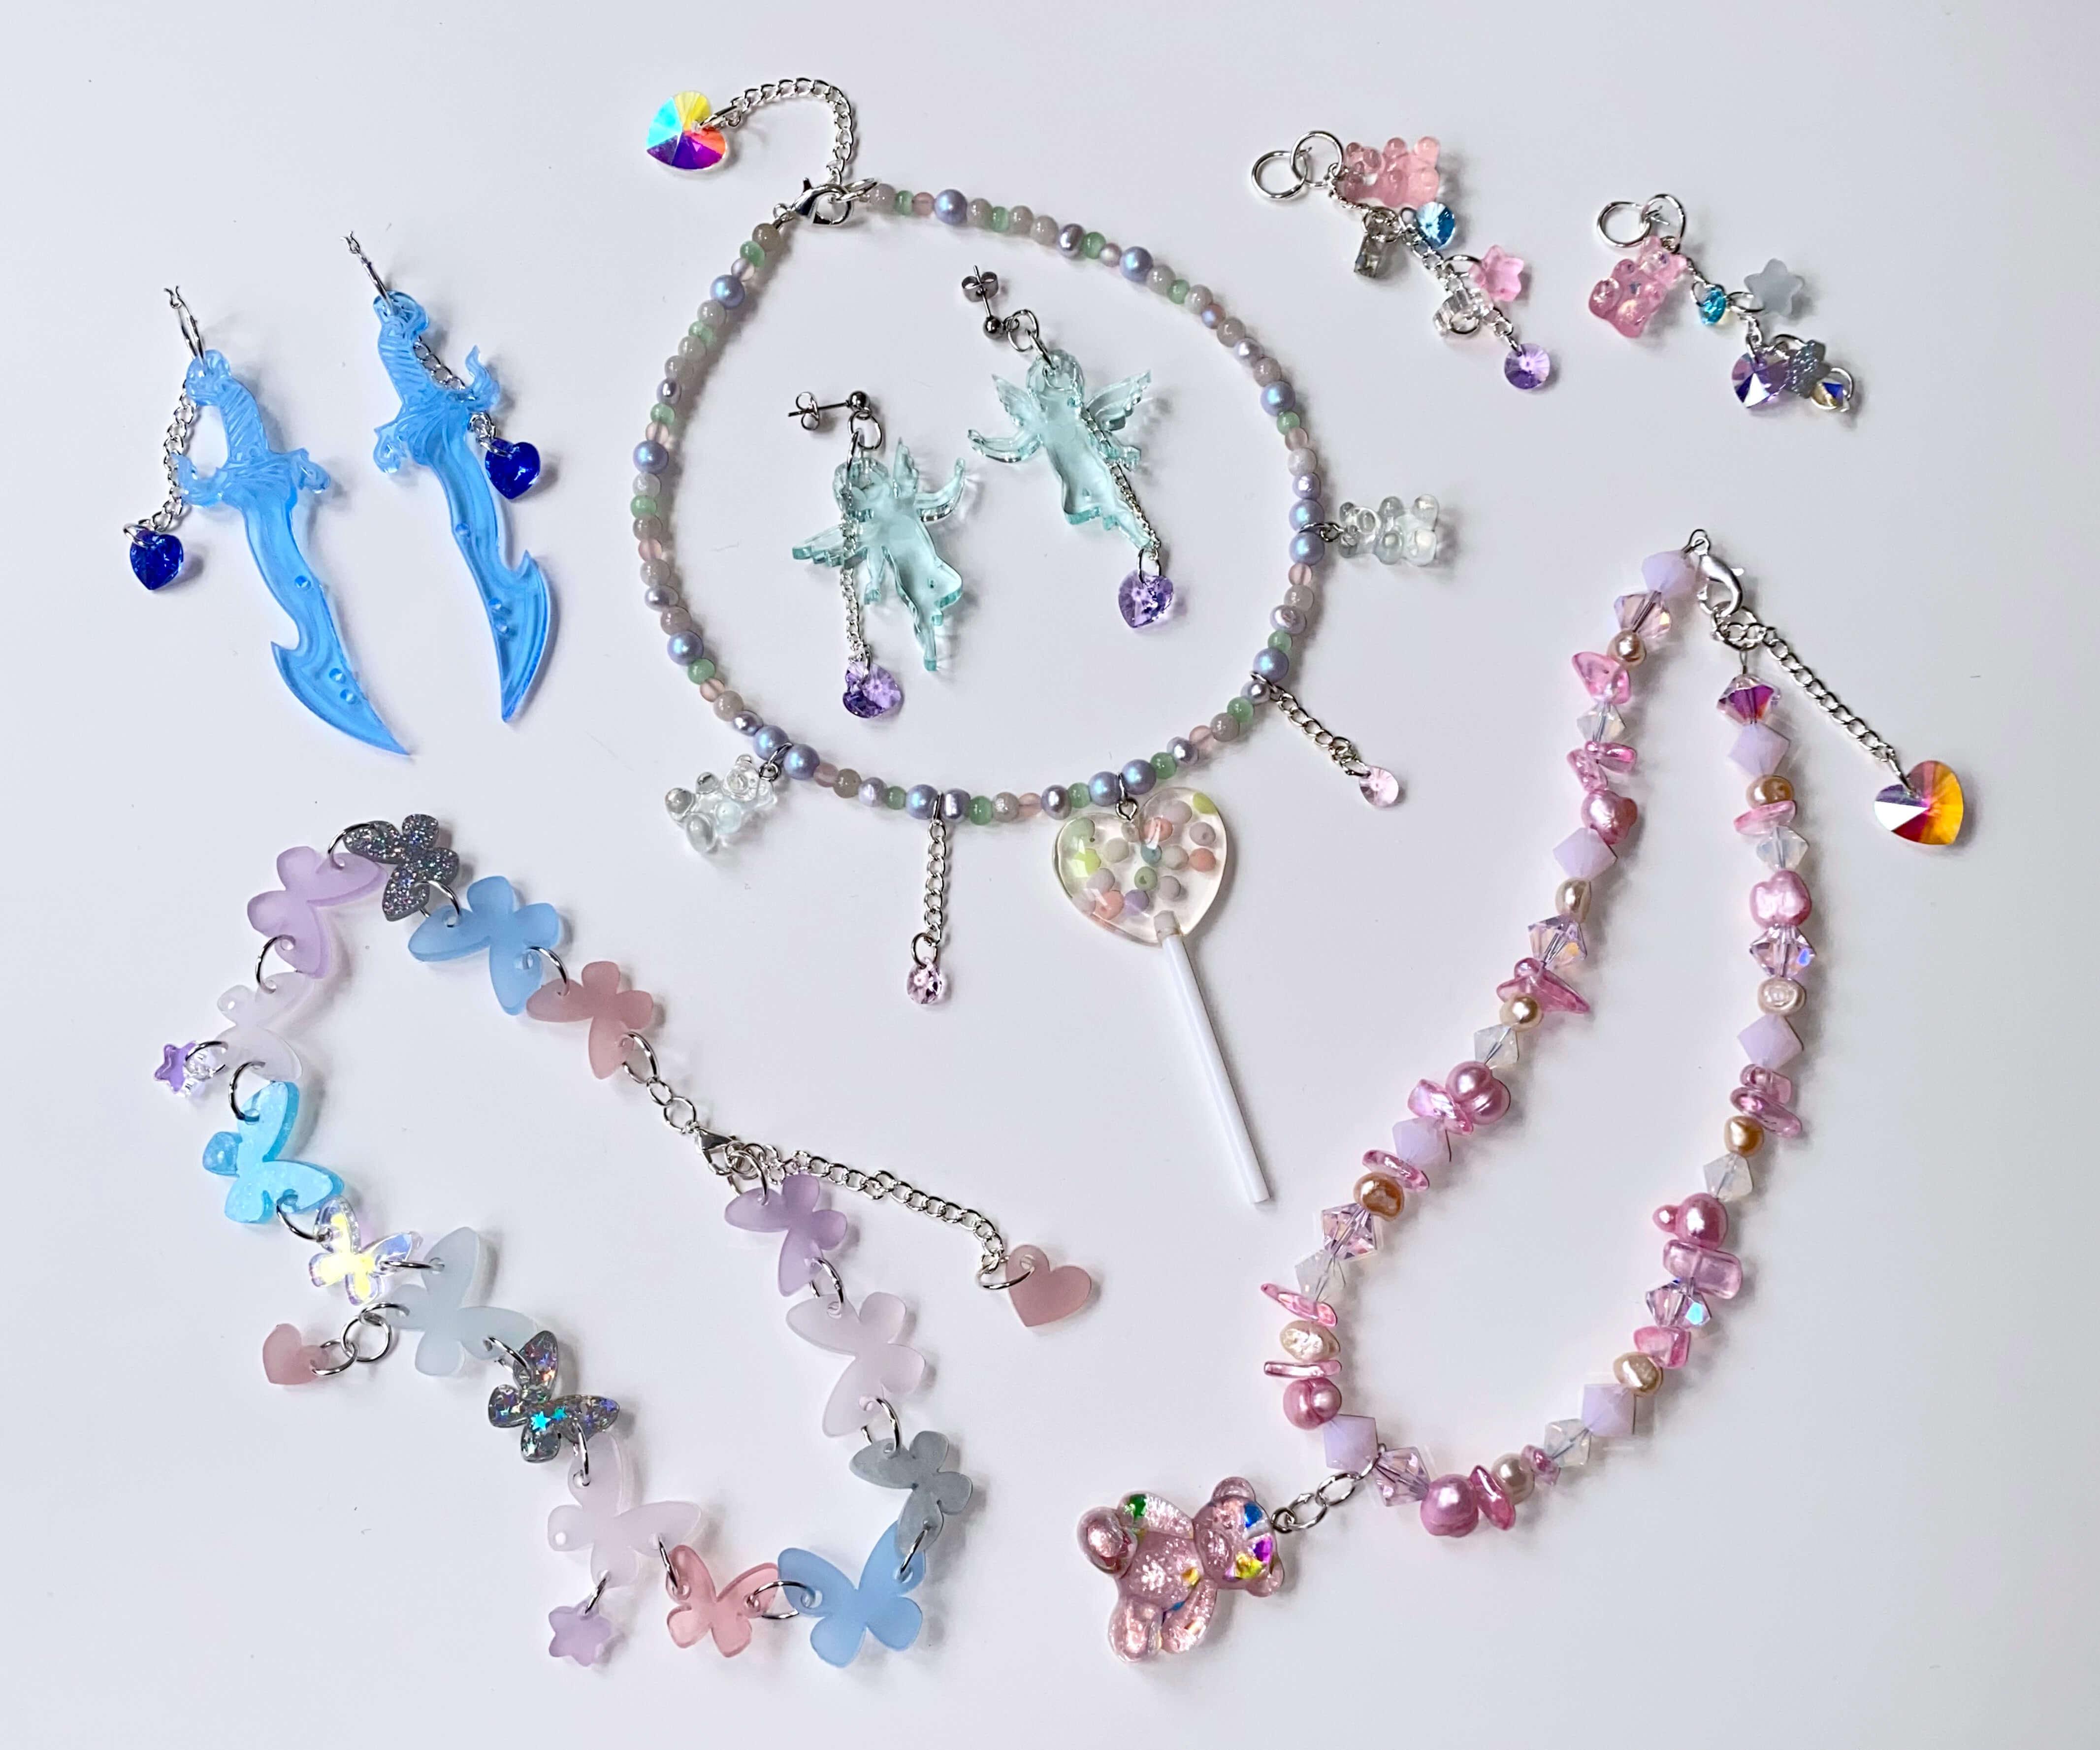 Schmuck der Künstlerin Emma Pryde. Ohrringe und Halsketten sind aus den Resten ihrer Kunstwerke entstanden.